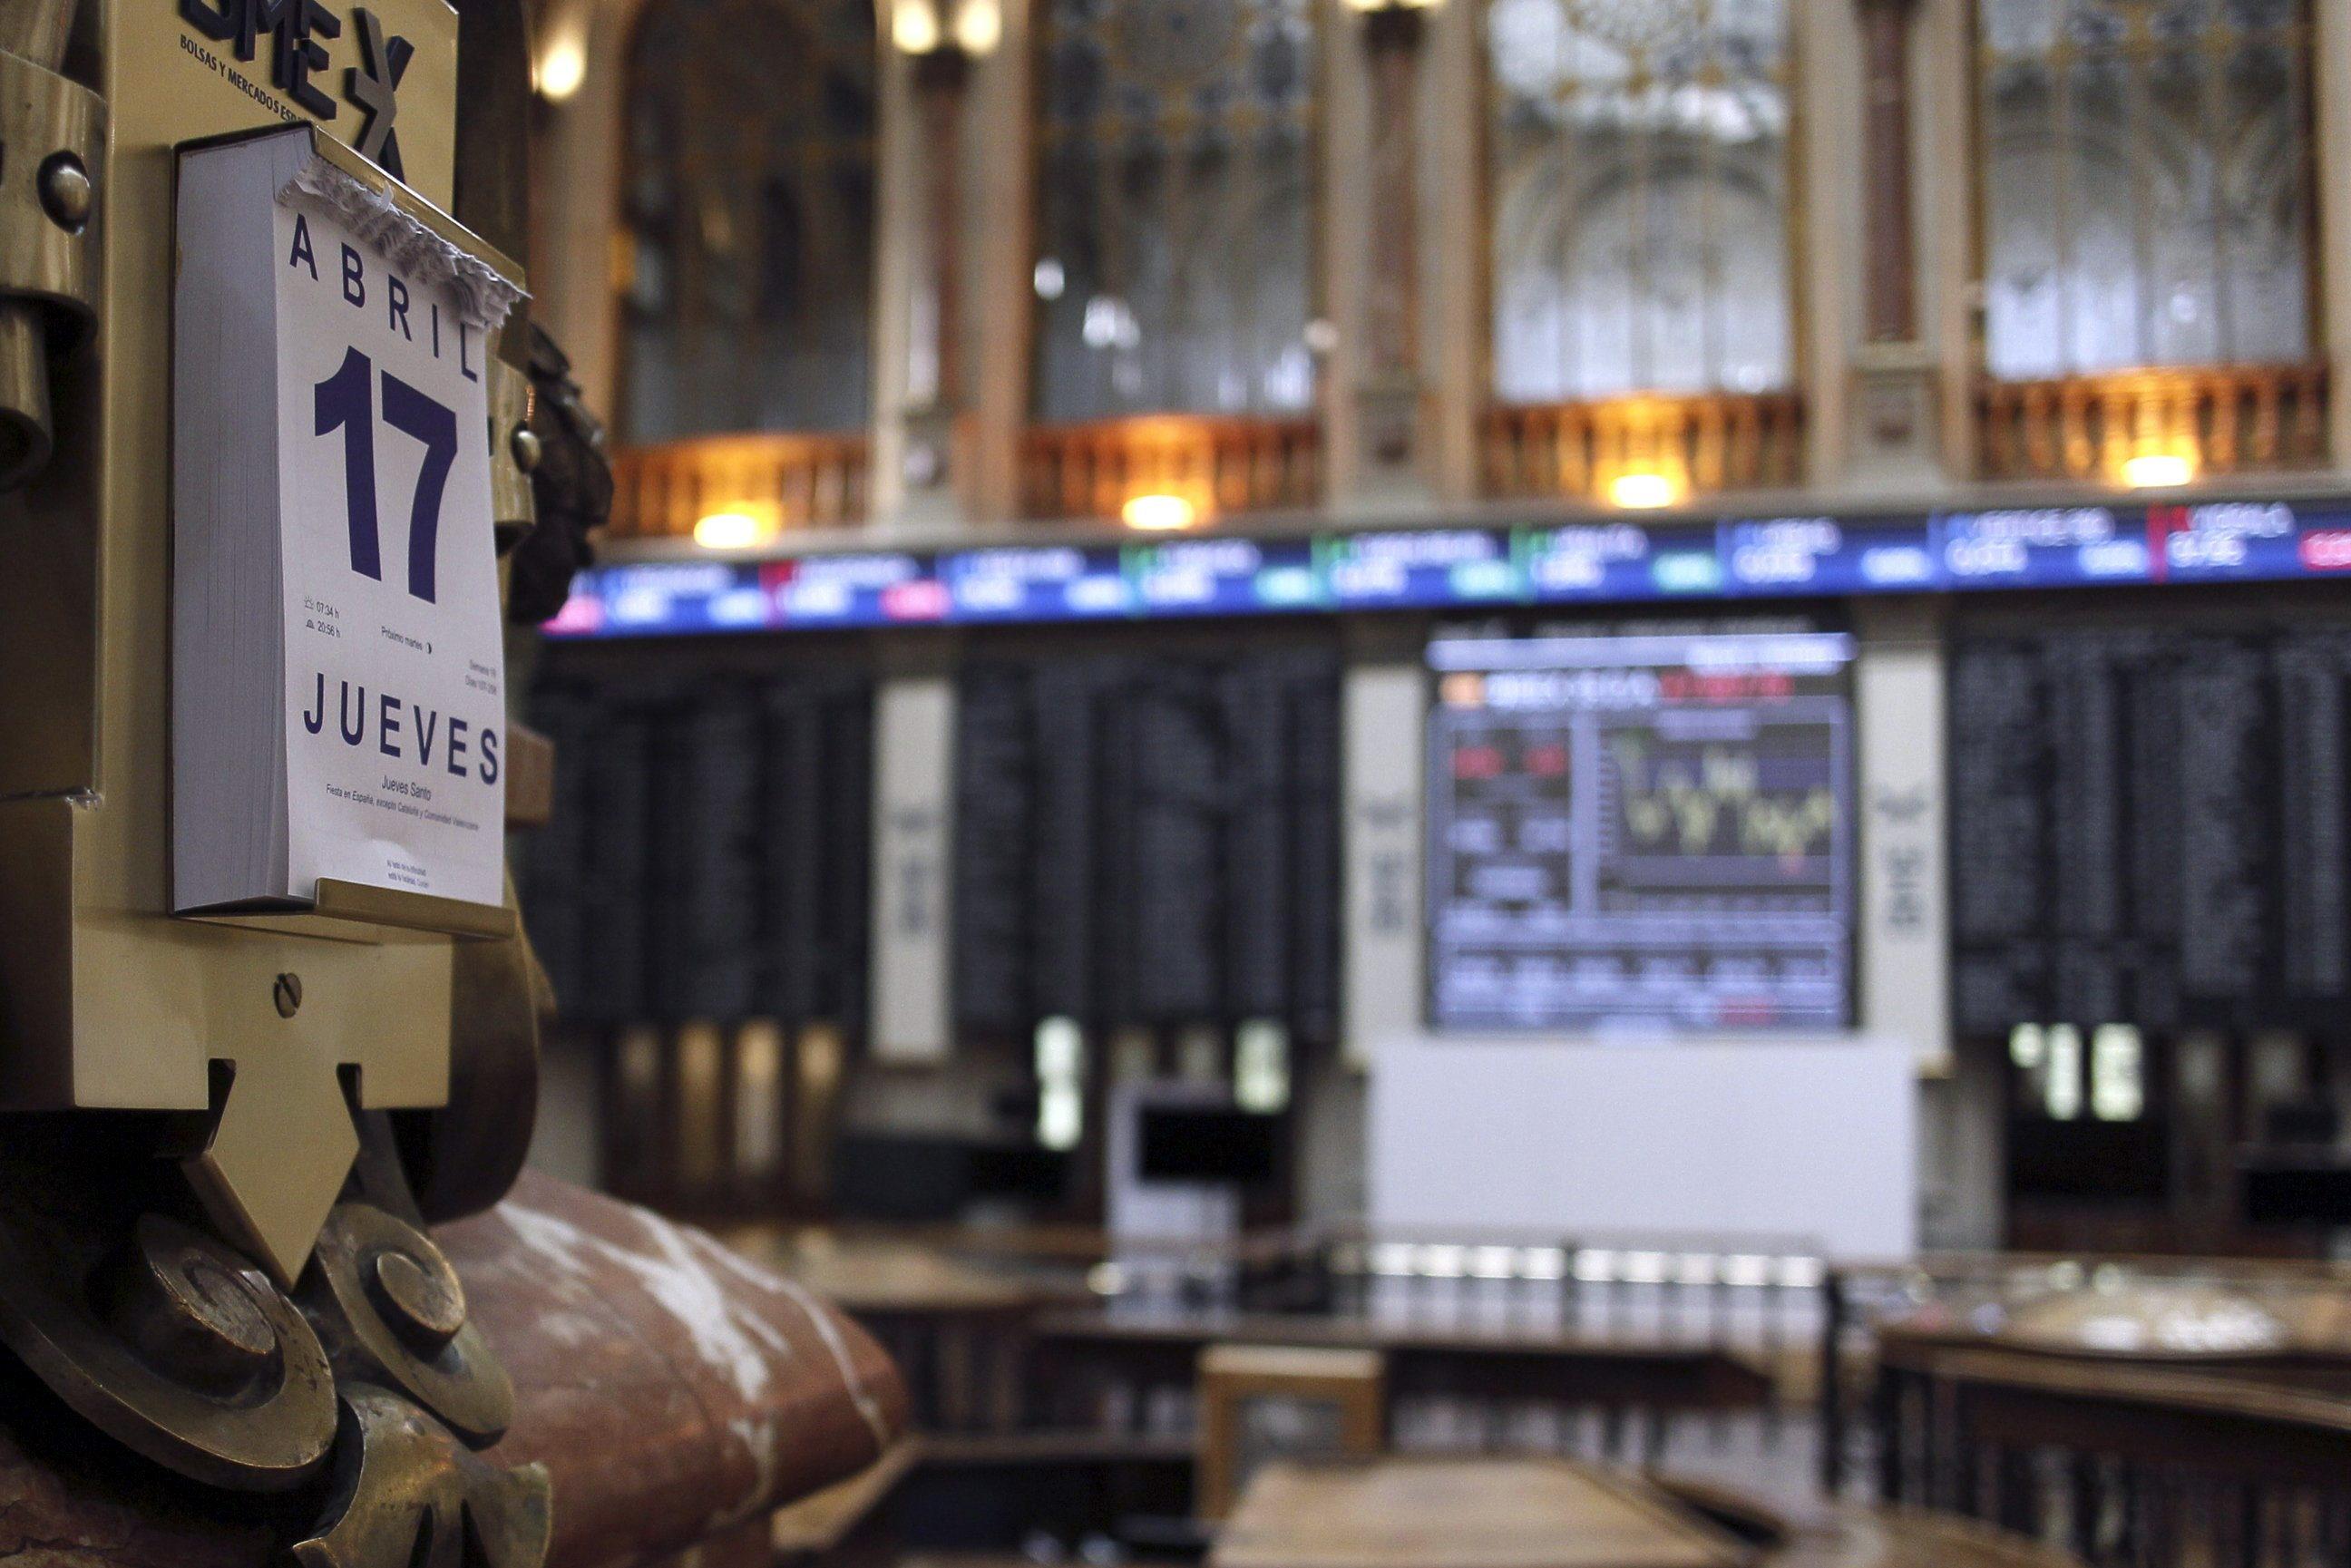 La Bolsa española permanecerá cerrada mañana lunes